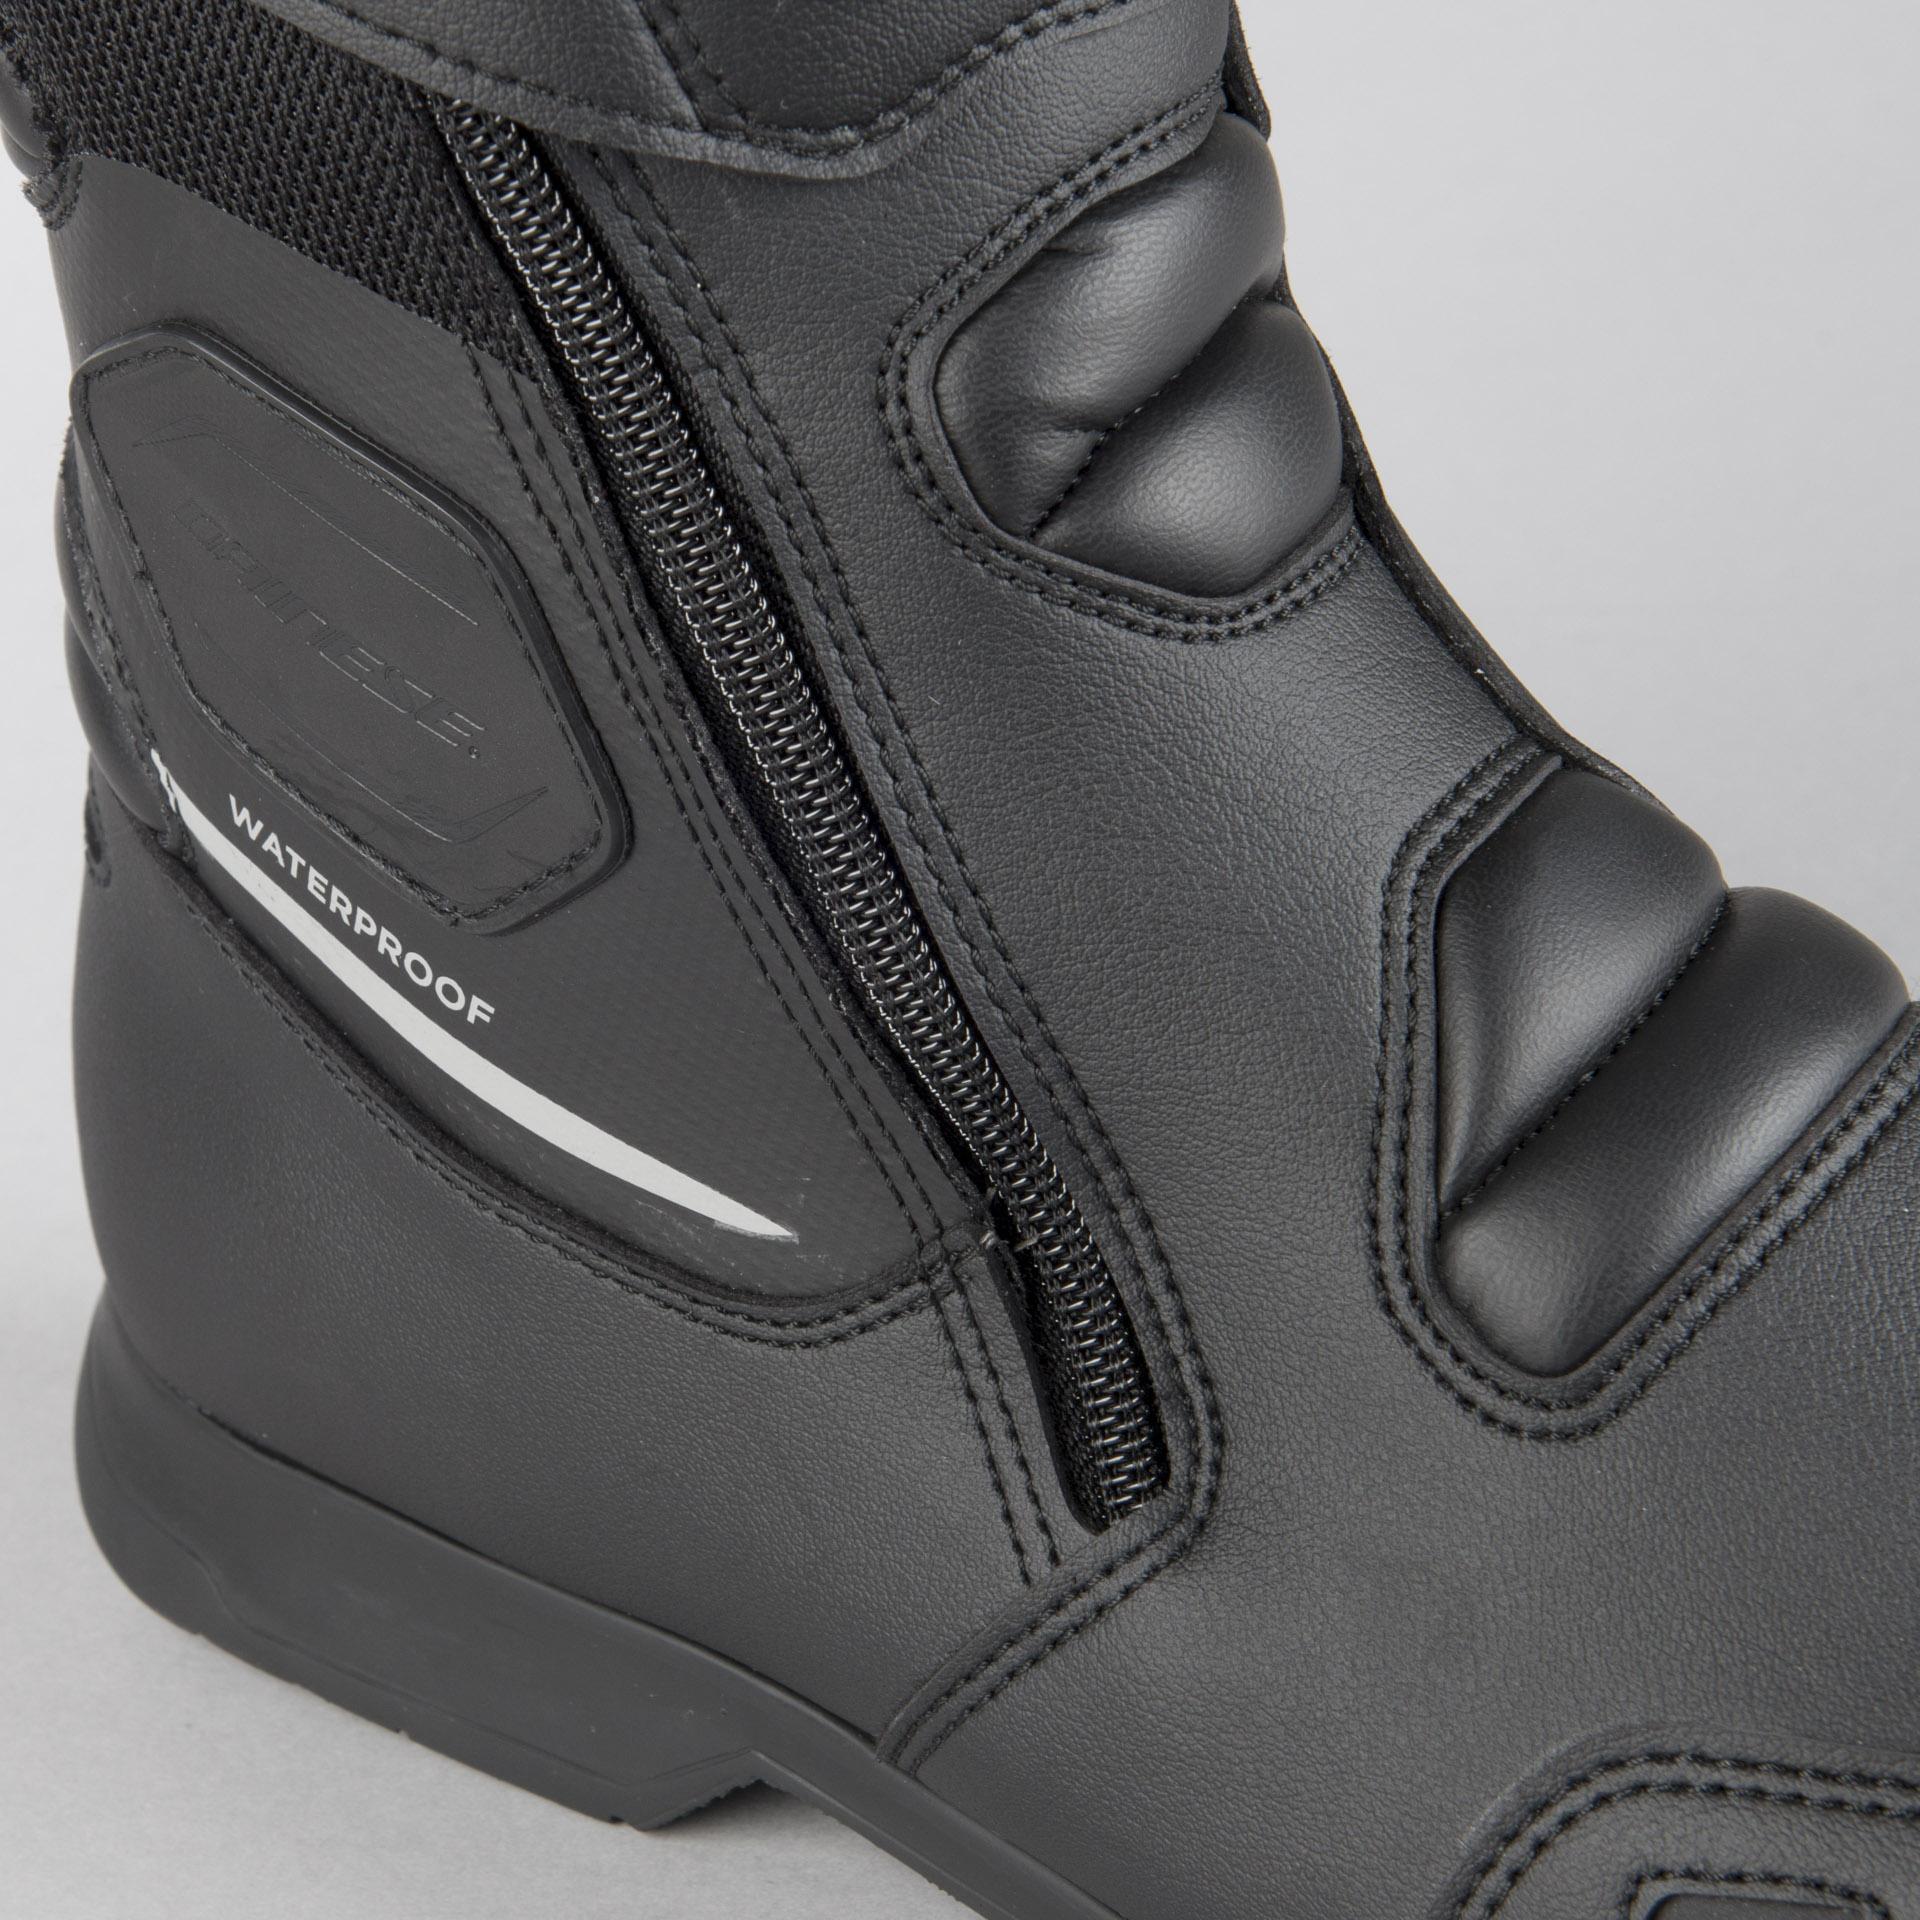 Bottes Moto Dainese X Tourer D WP Noir Anthracite 13% de